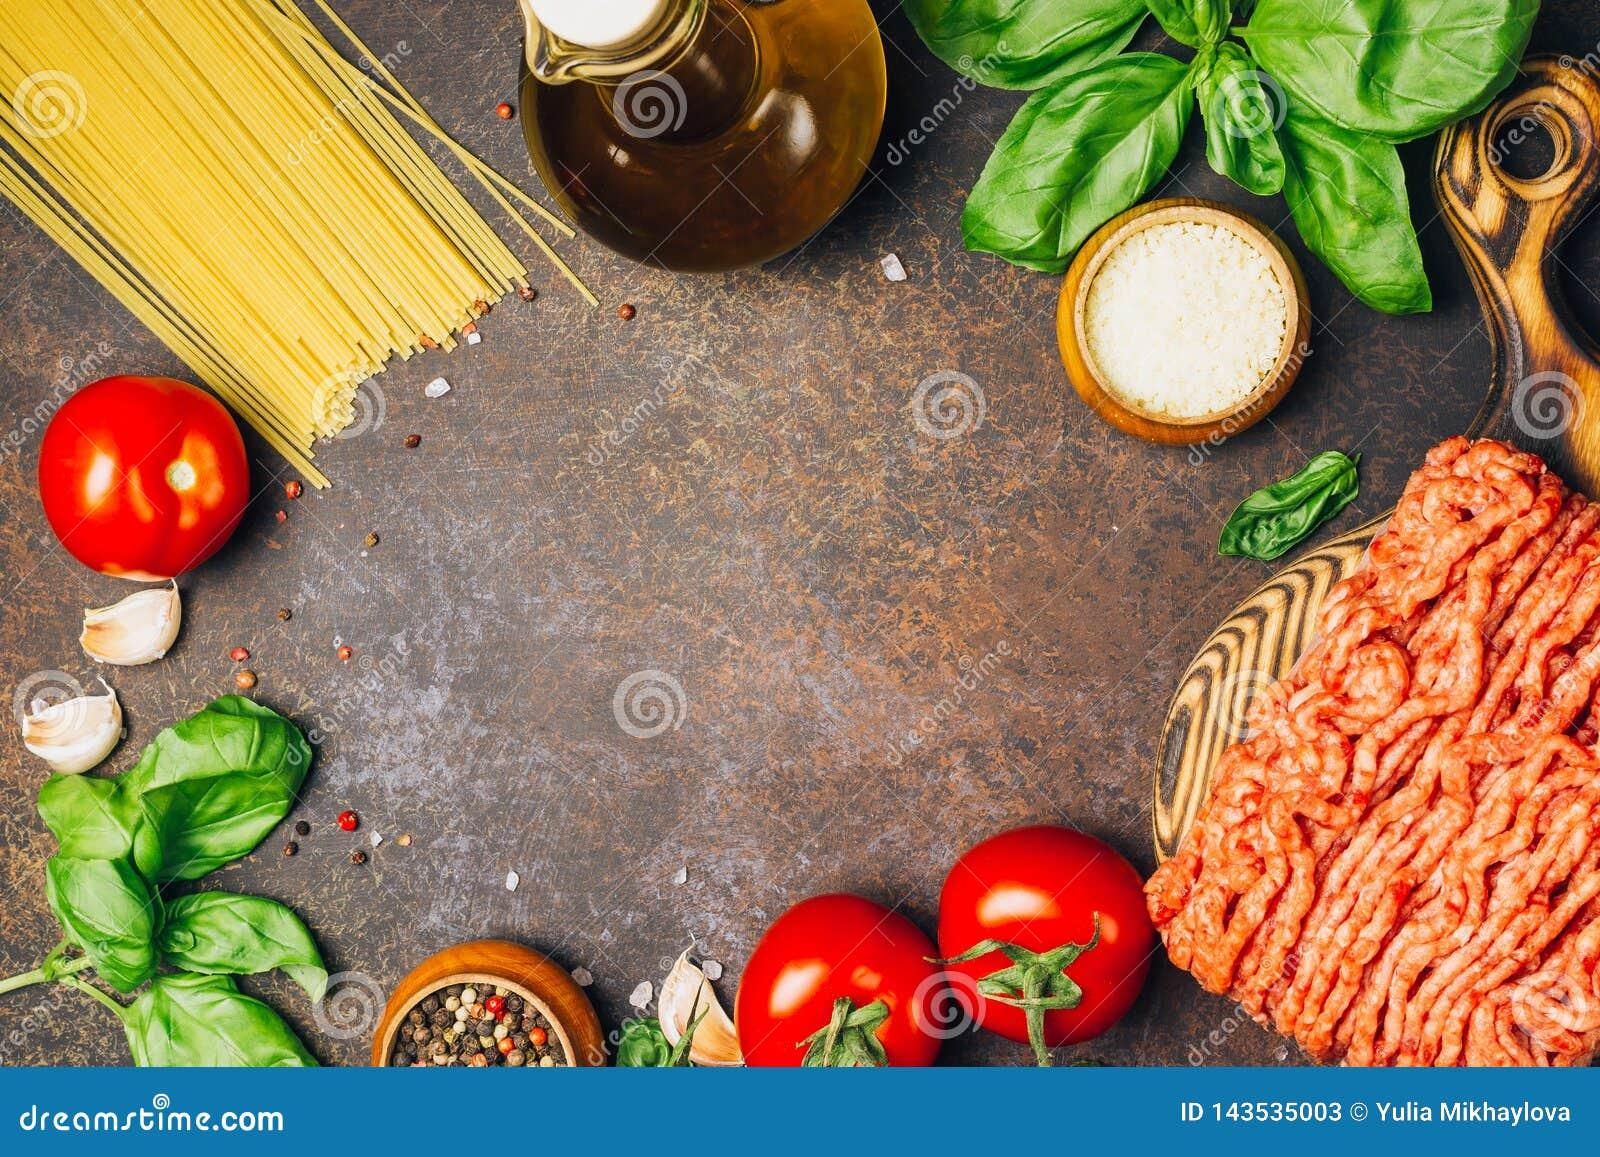 Massa bolonhesa que cozinha o conceito: carne triturada crua, tomates, massa, Parmesão, alho, manjericão, azeite